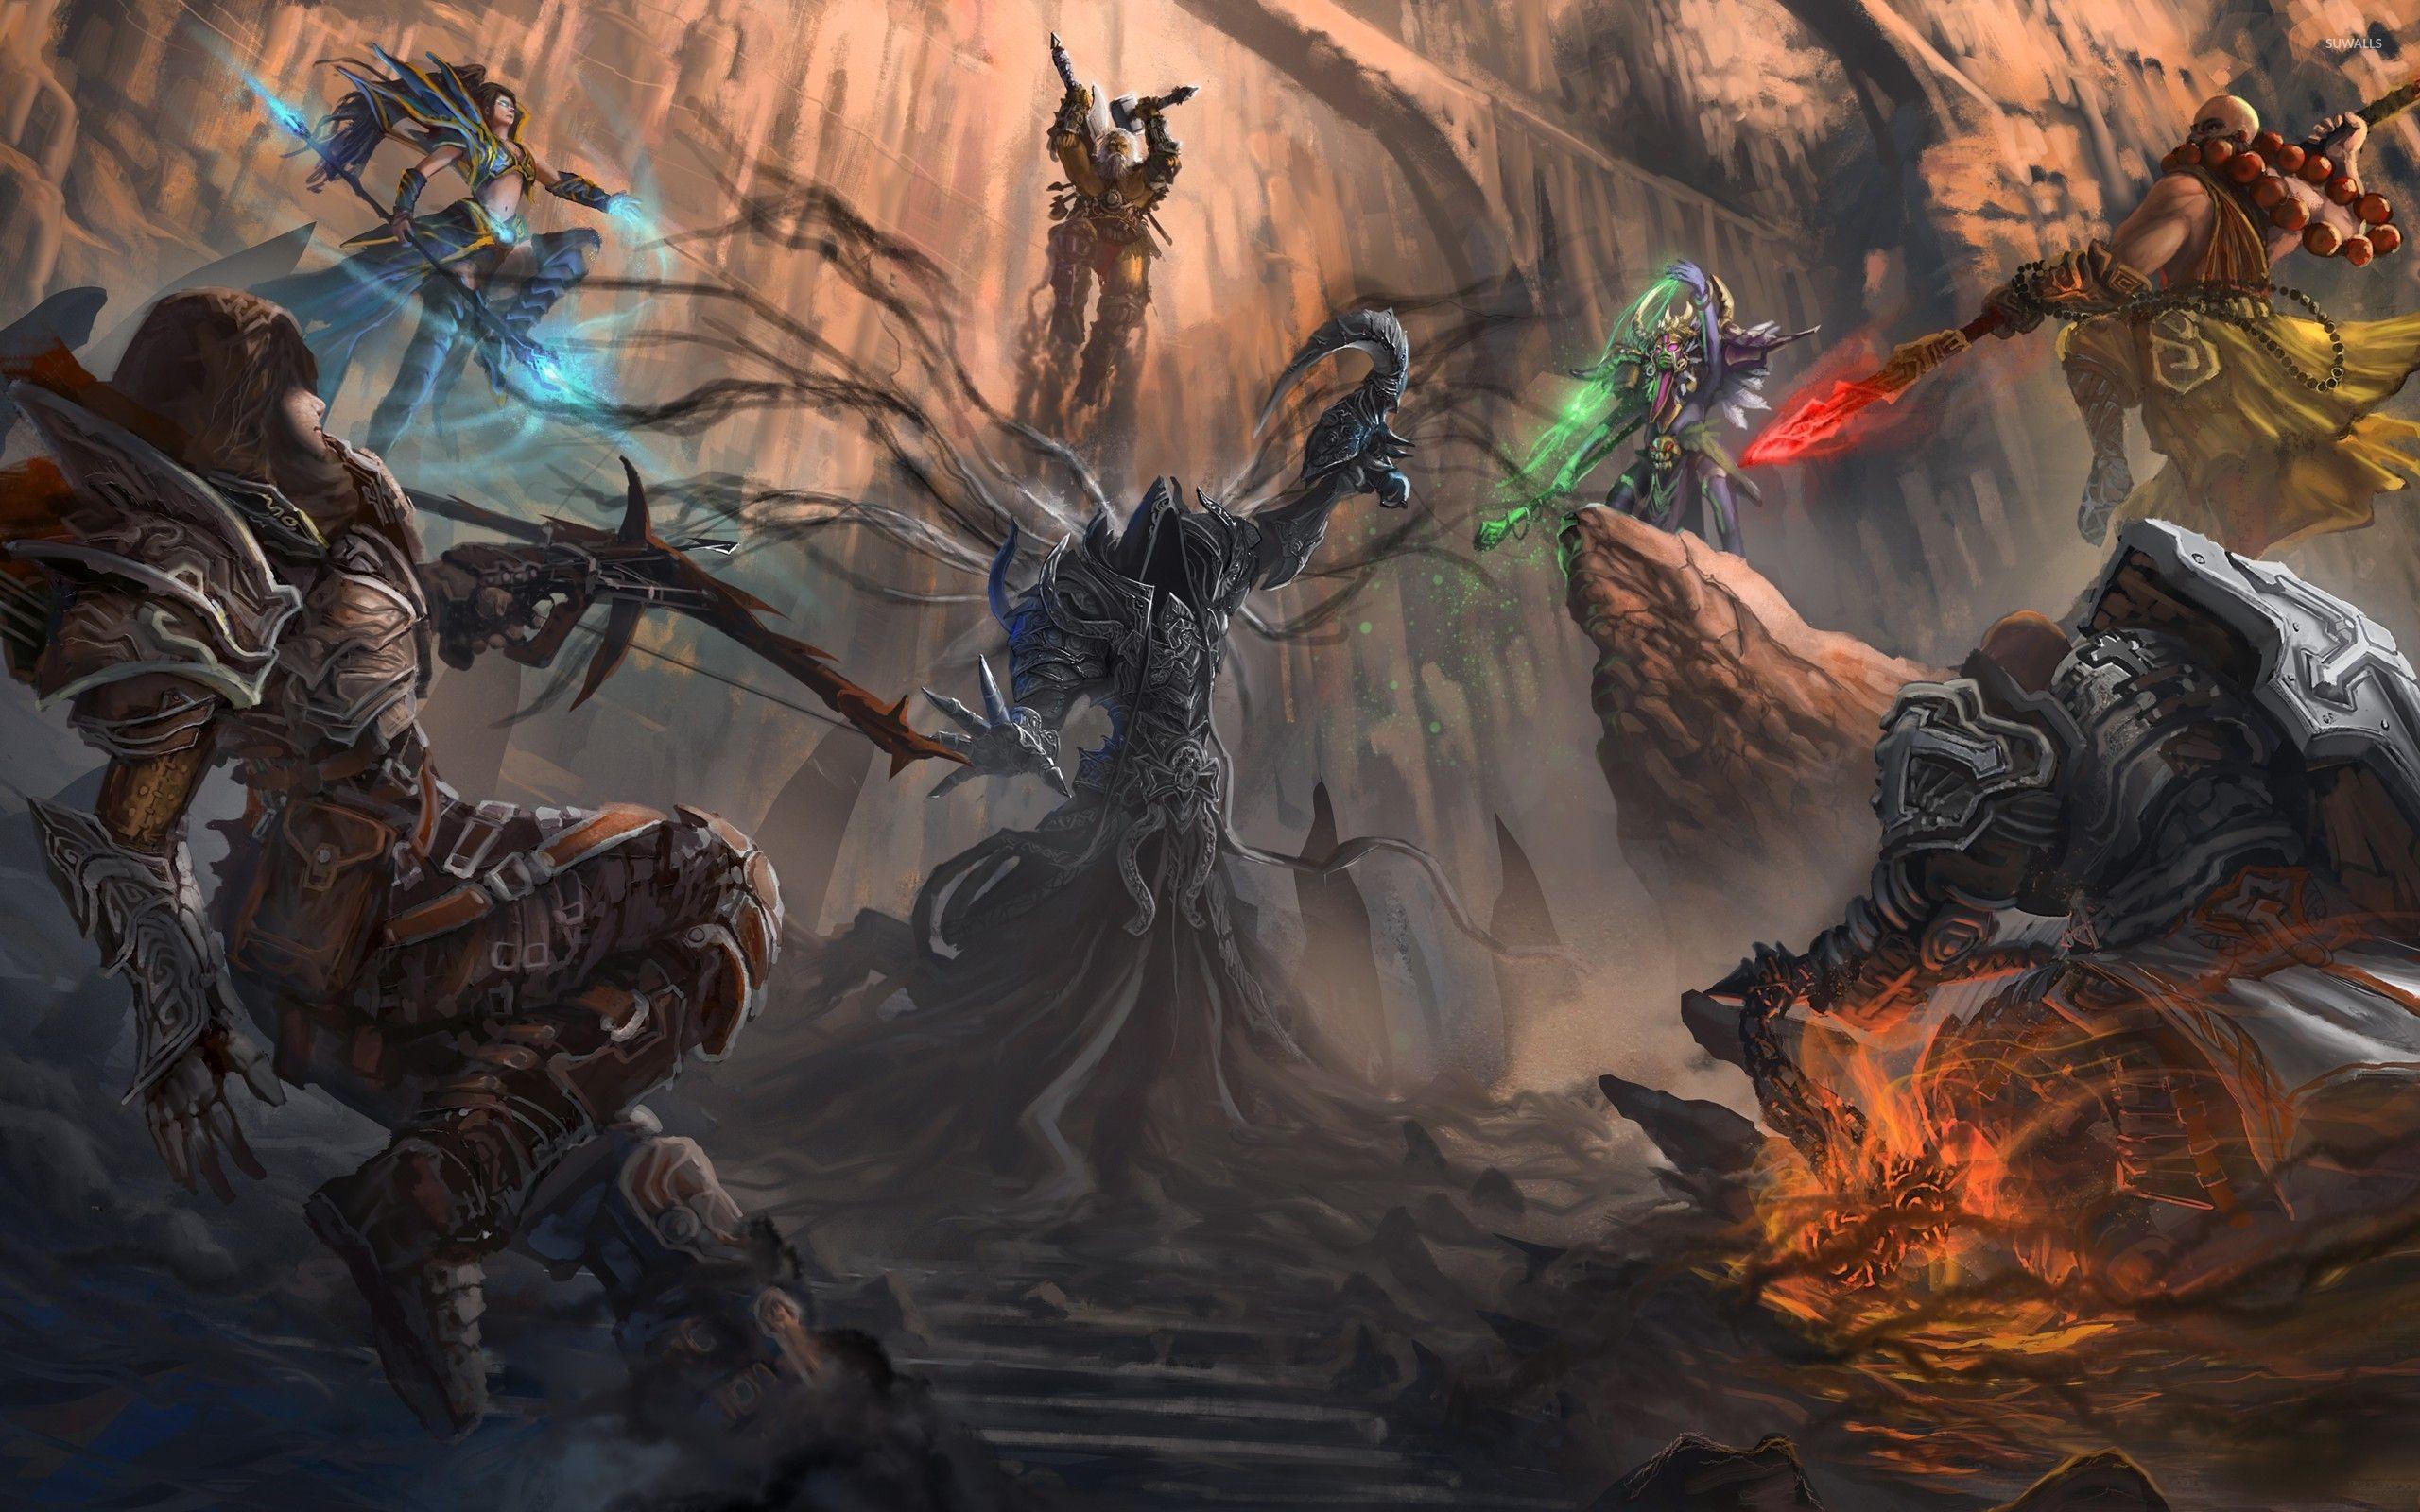 Res: 2560x1600, Heroes in Diablo III wallpaper